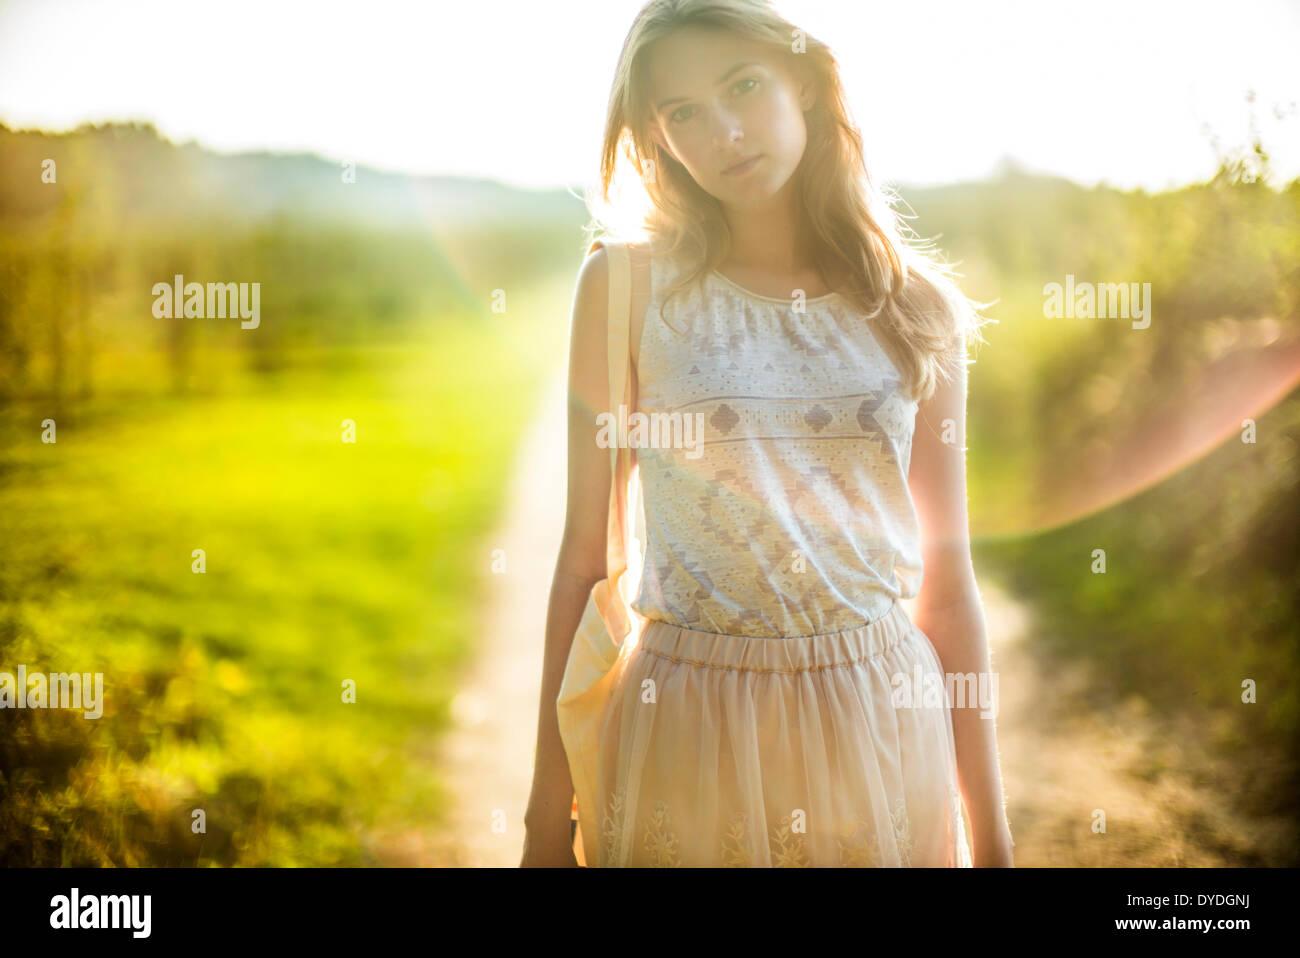 La rêverie girl à la campagne. Photo Stock